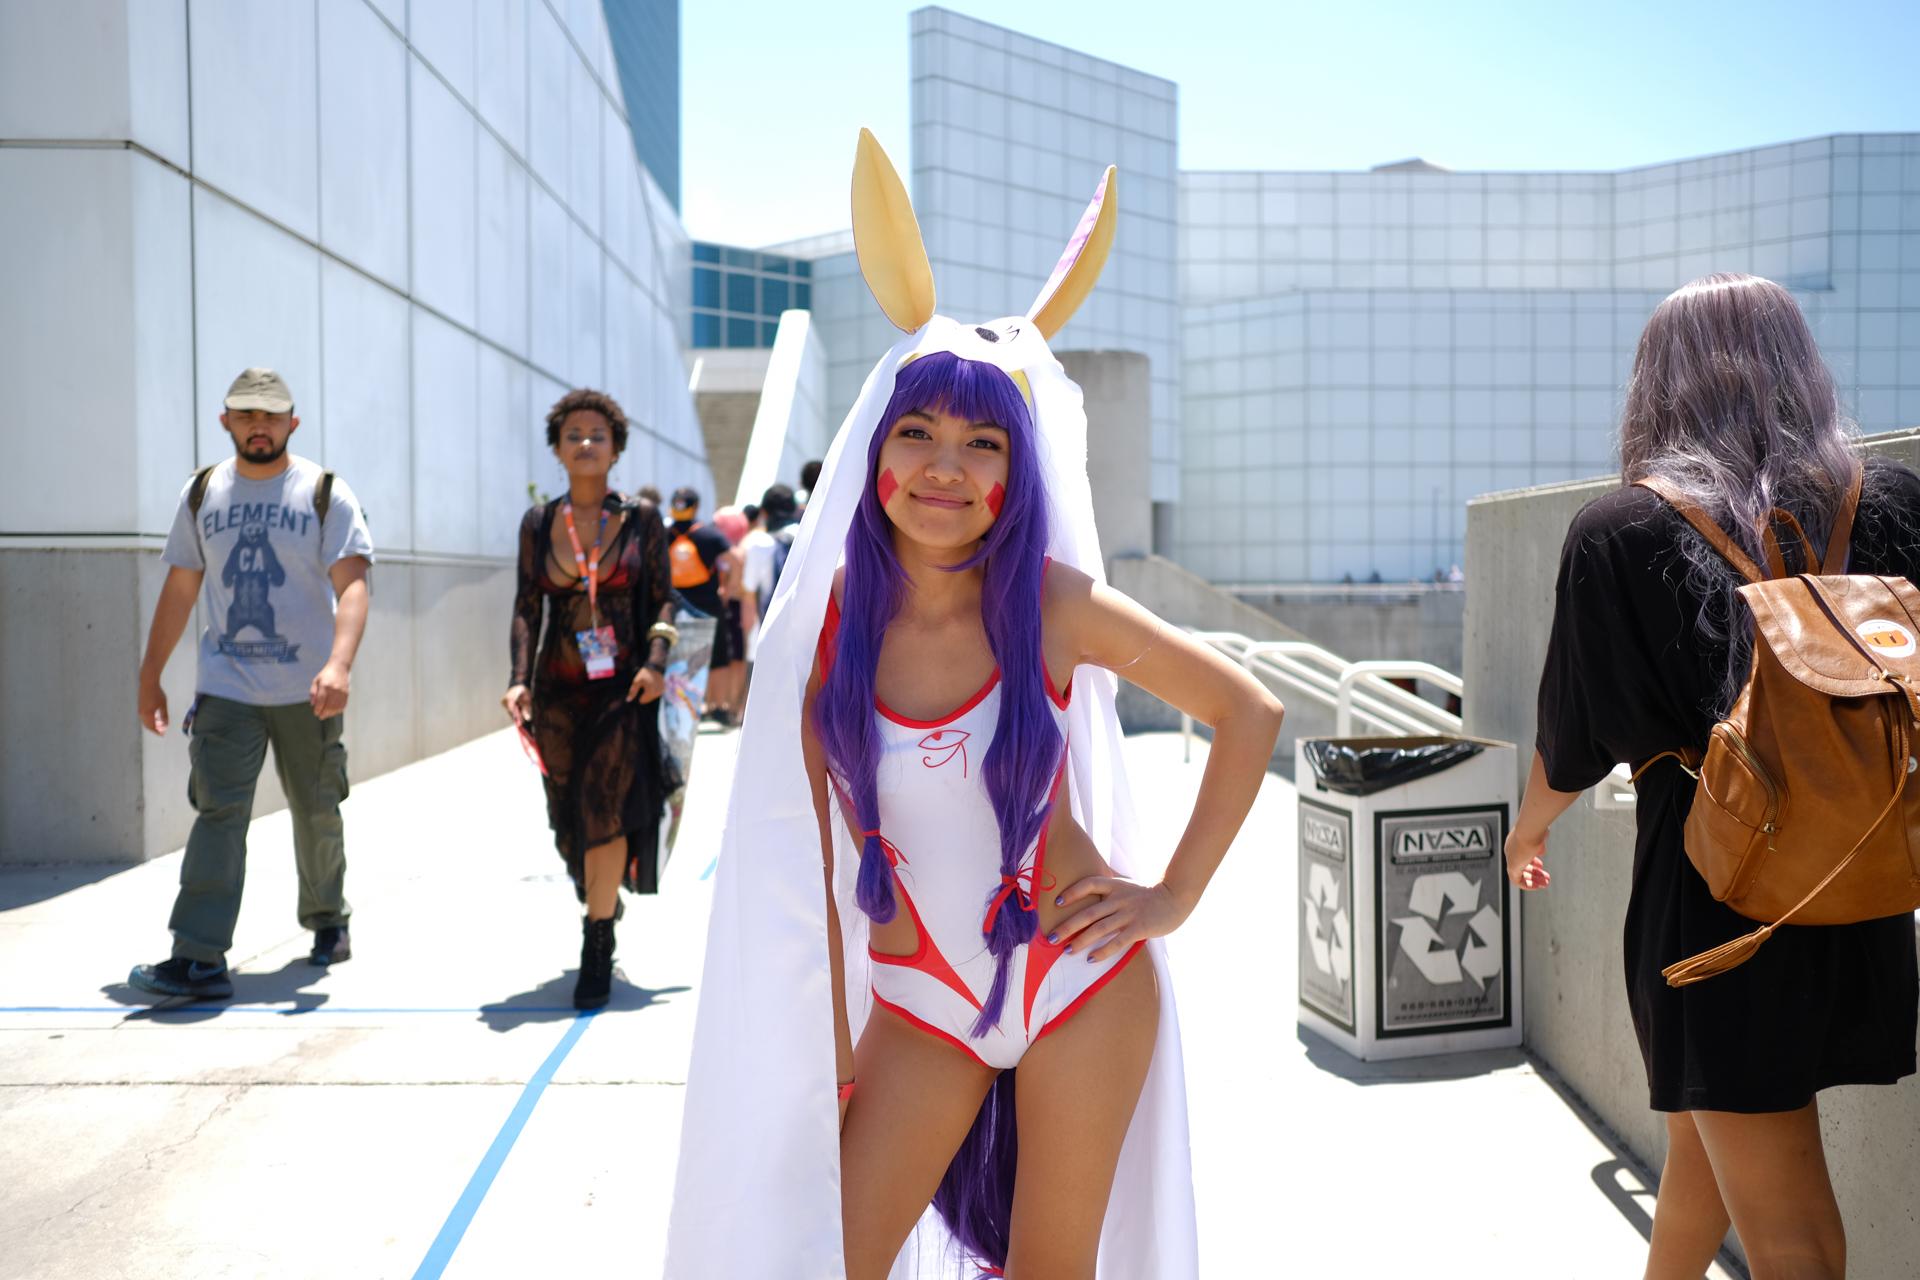 アメリカ ロサンゼルス Anime Expo 2018 コスプレ 撮影